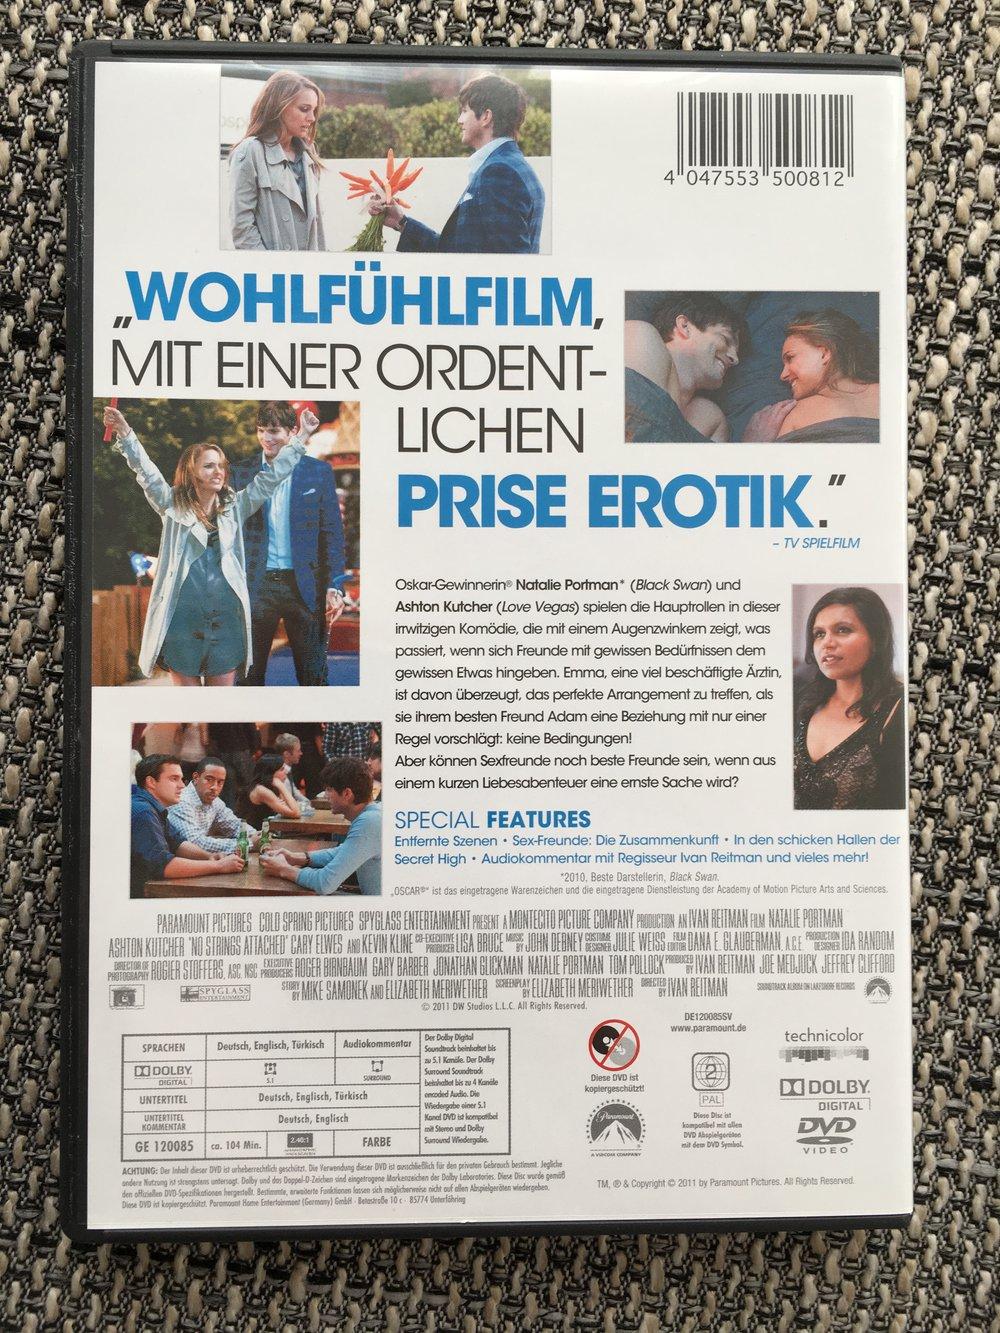 freundschaft plus definition Offenburg